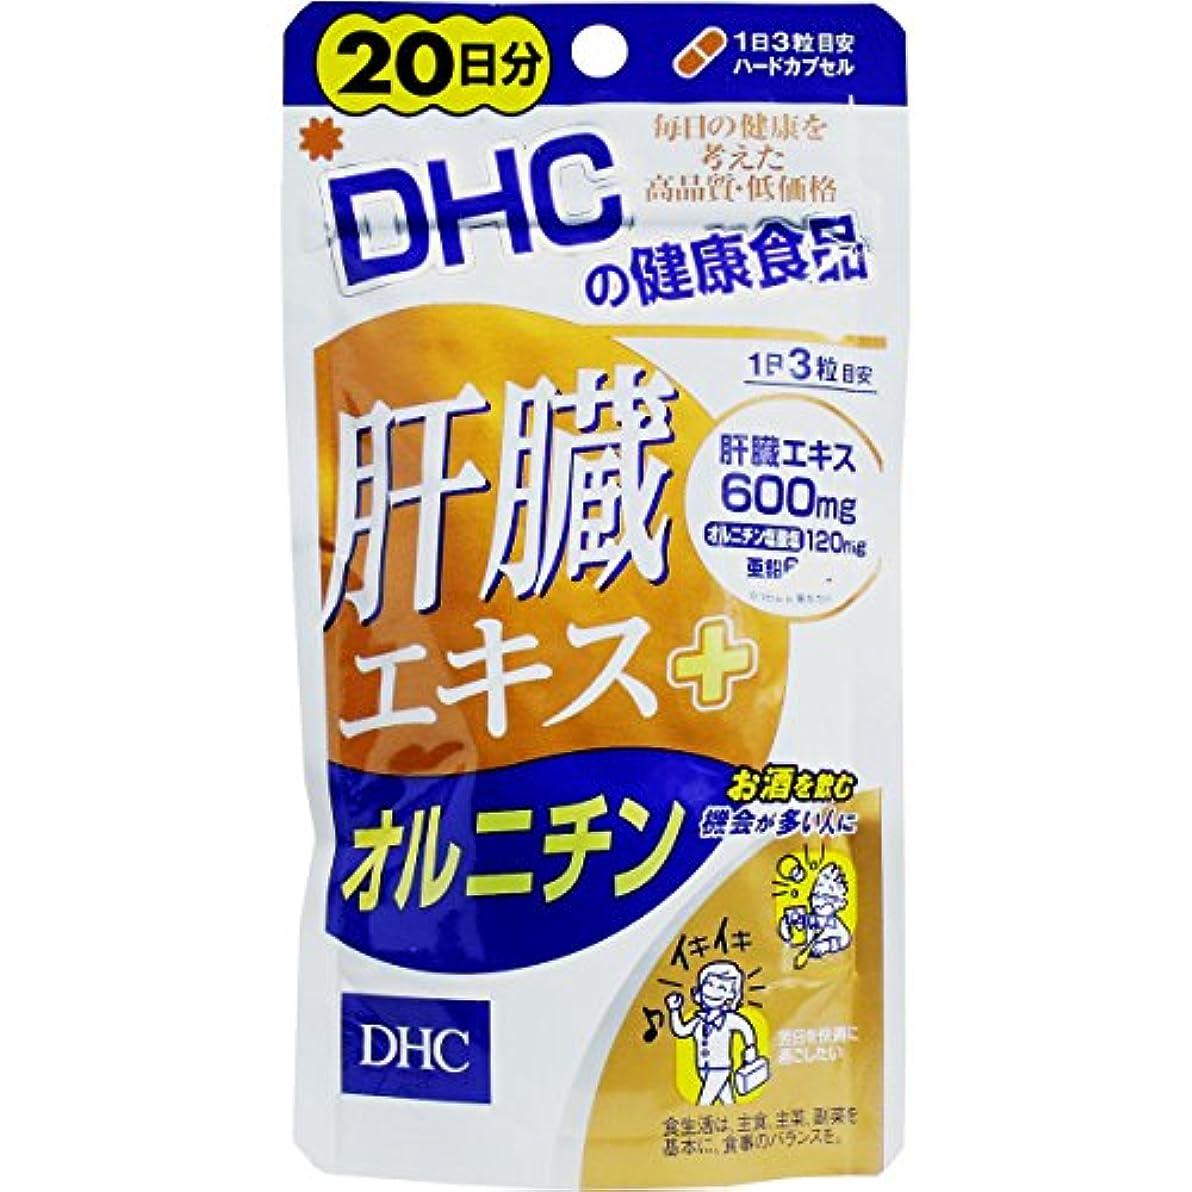 ギャザー貢献するゼロDHC 肝臓エキス+オルニチン 20日分 60粒 ×2個セット